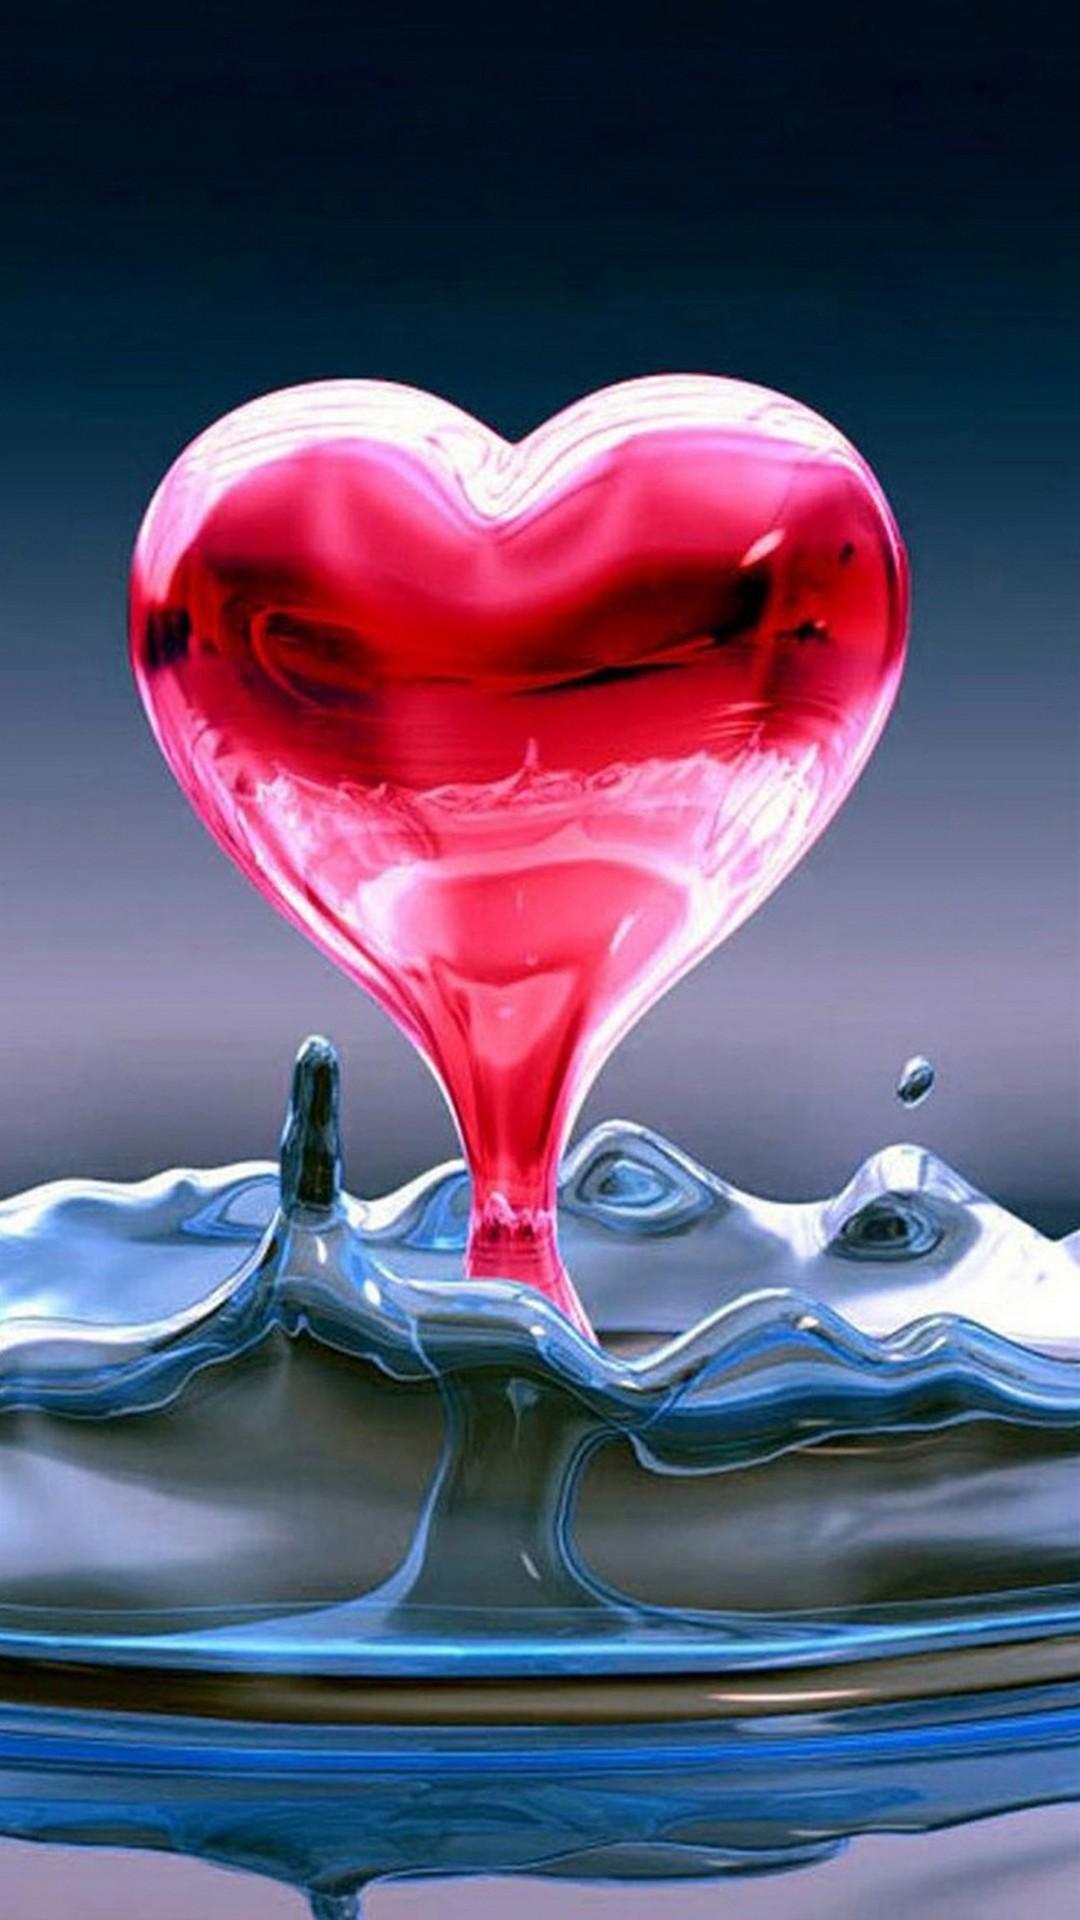 Heart Liquid Iphone Wallpaper Resolution - Heart Wallpaper For Iphone - HD Wallpaper